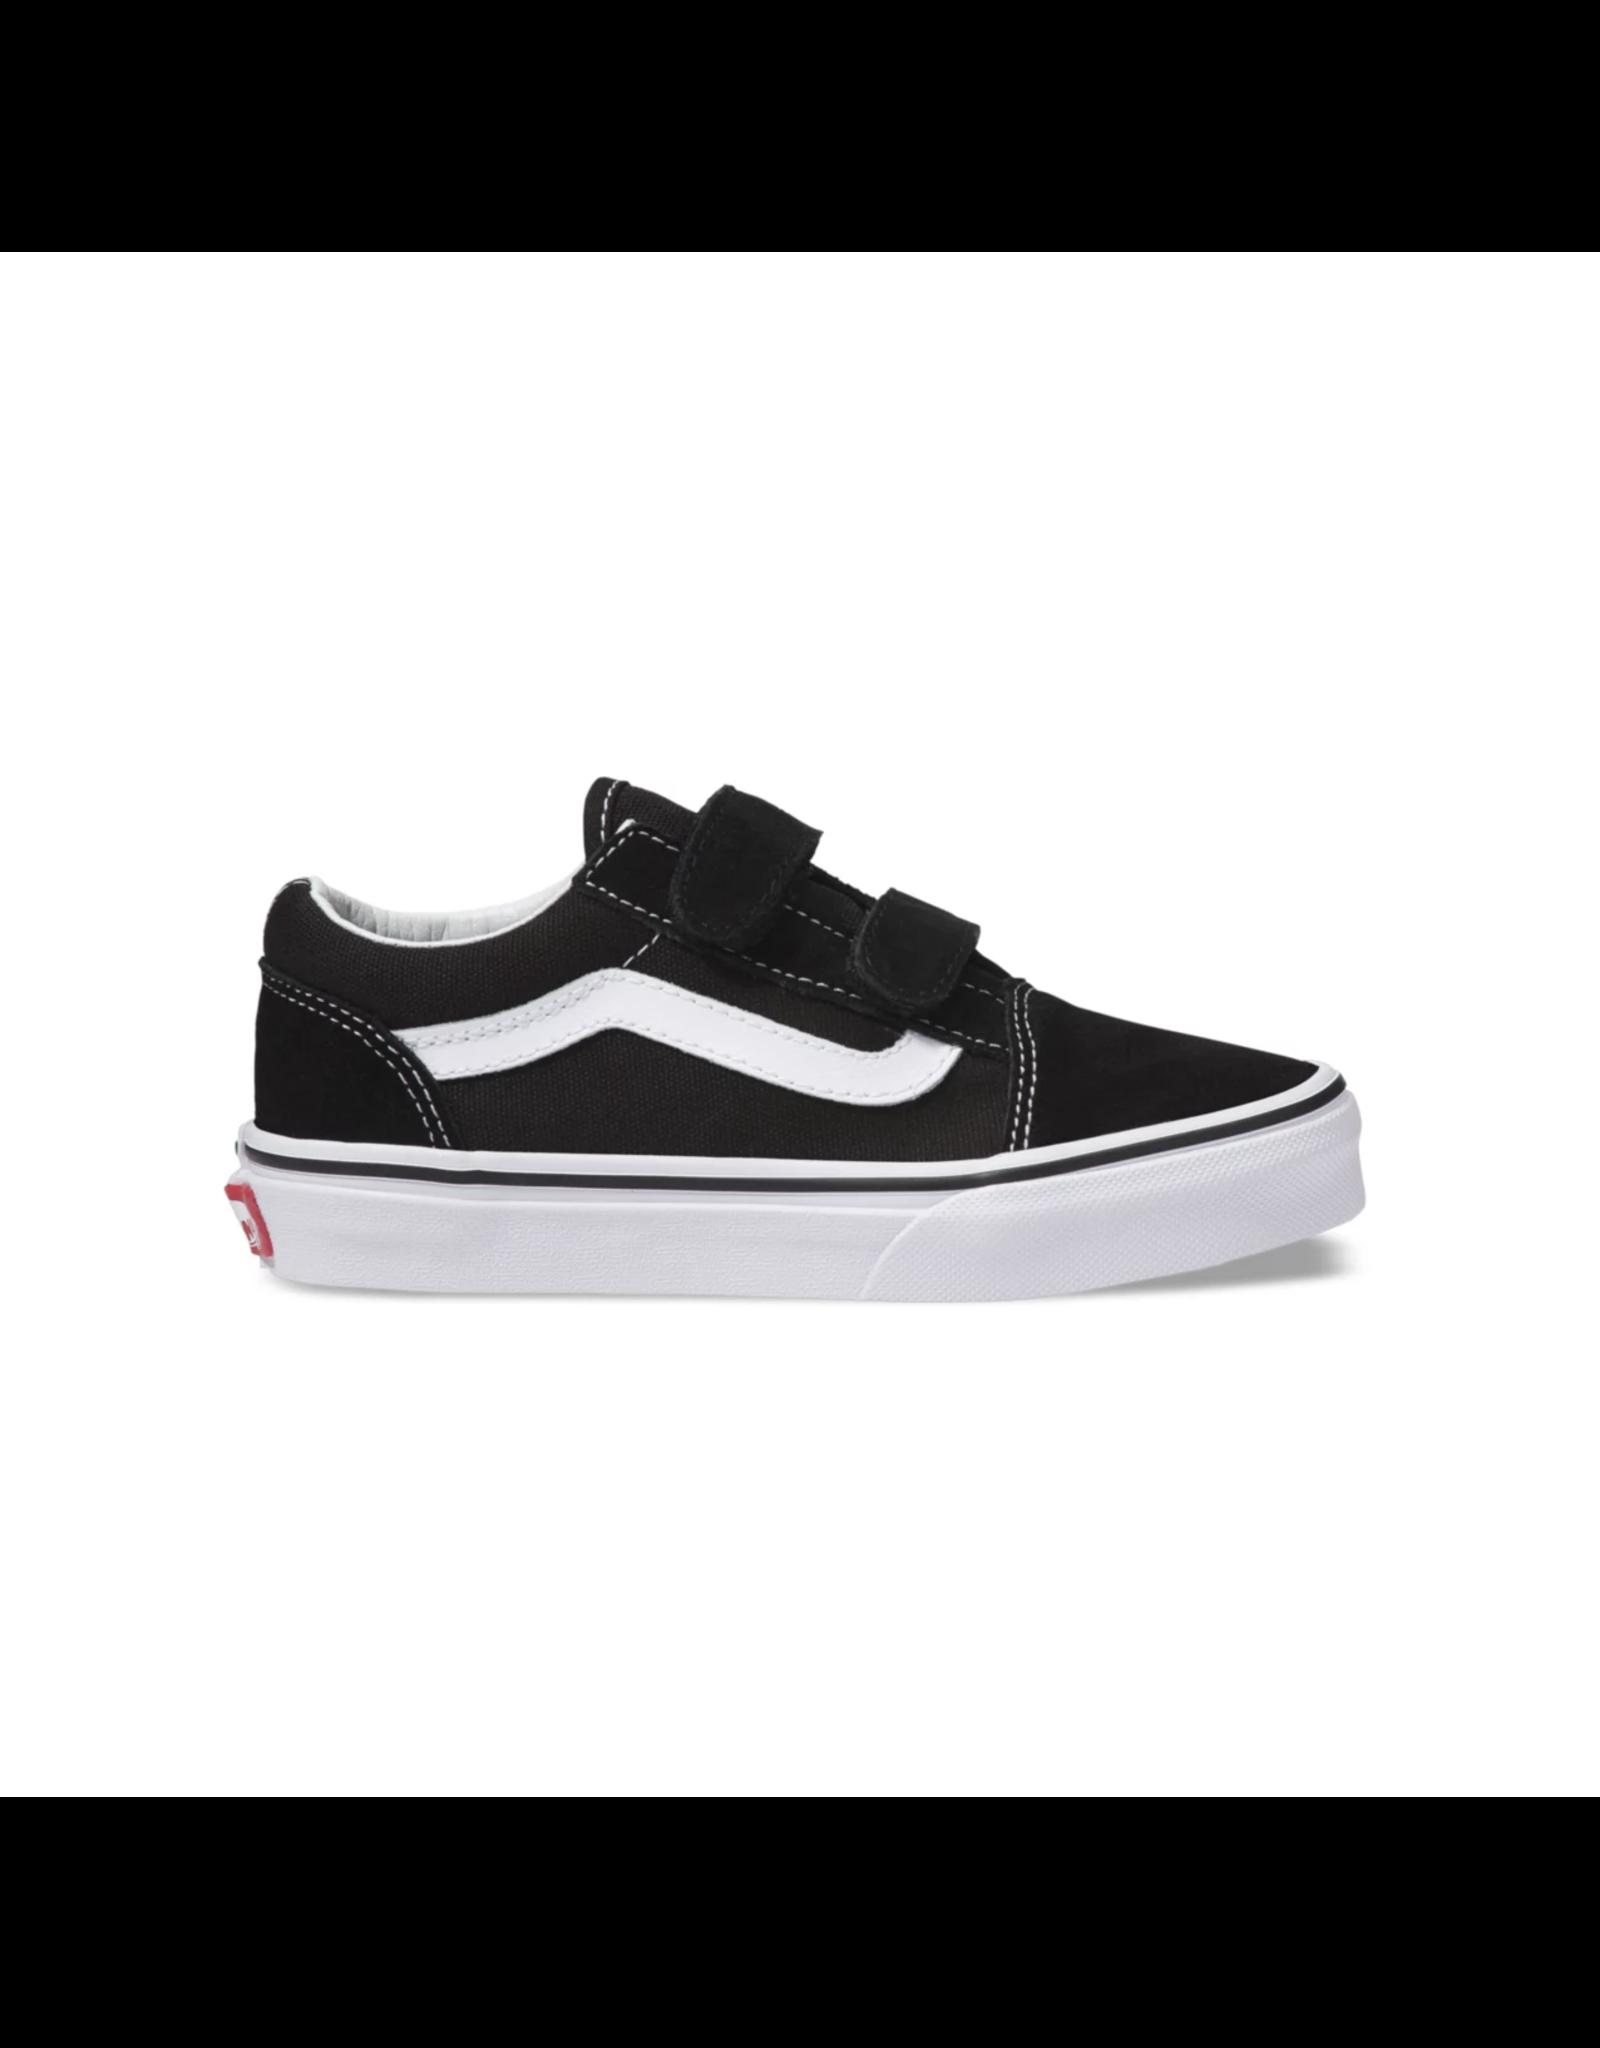 Vans Kids Old Skool V - Black/White